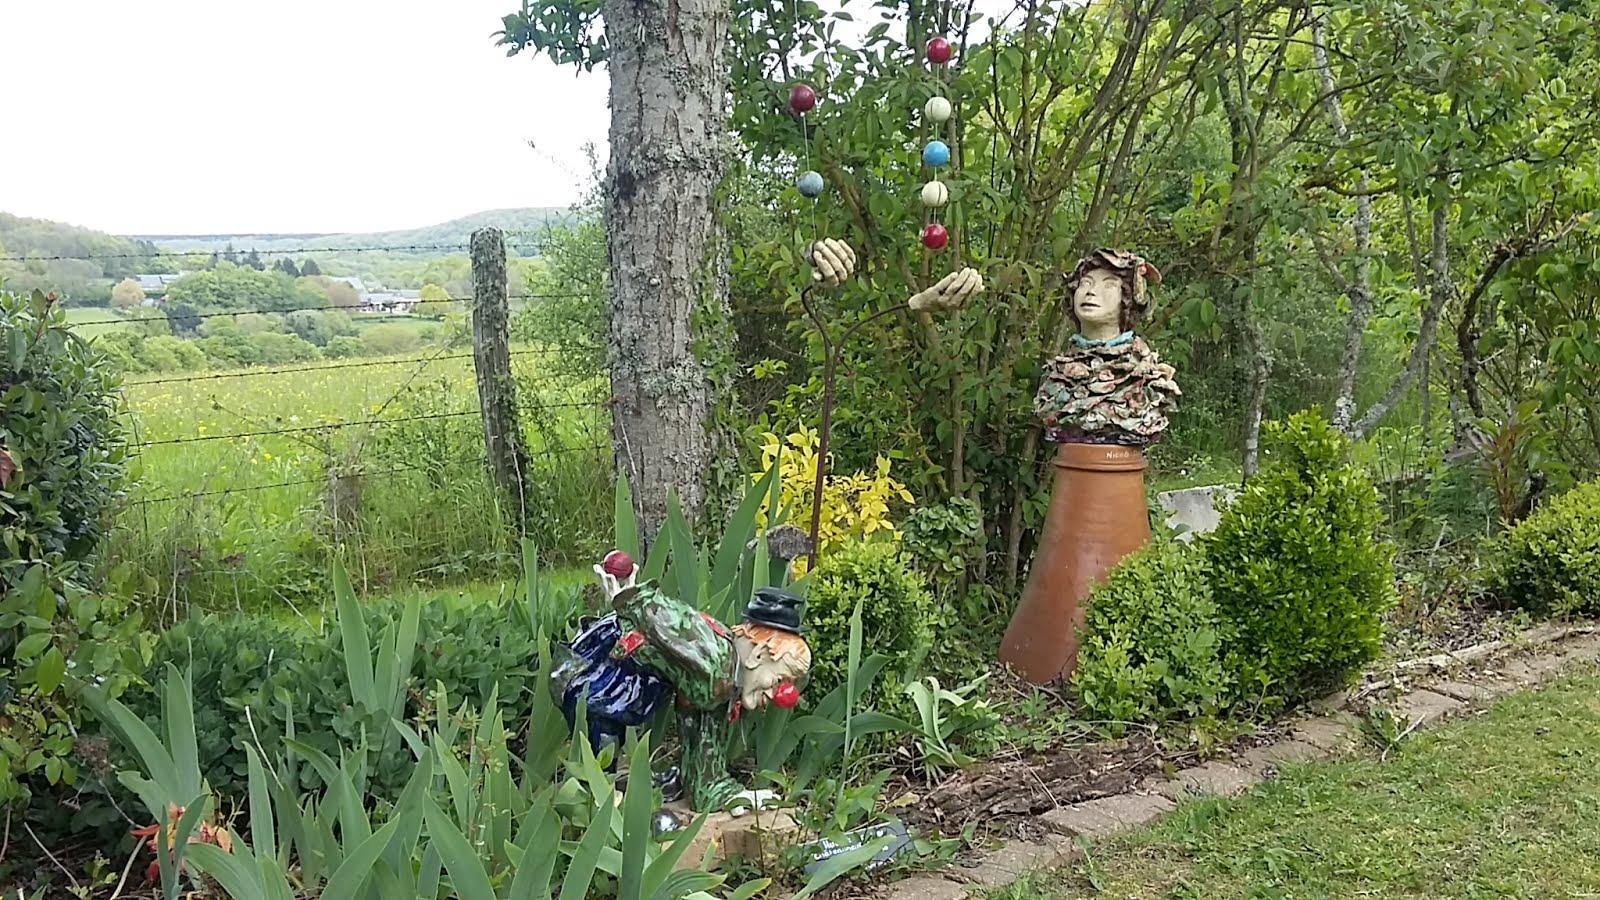 Clown de Hubert Gasnier ajouté près du jongleur et du buste qui le regarde